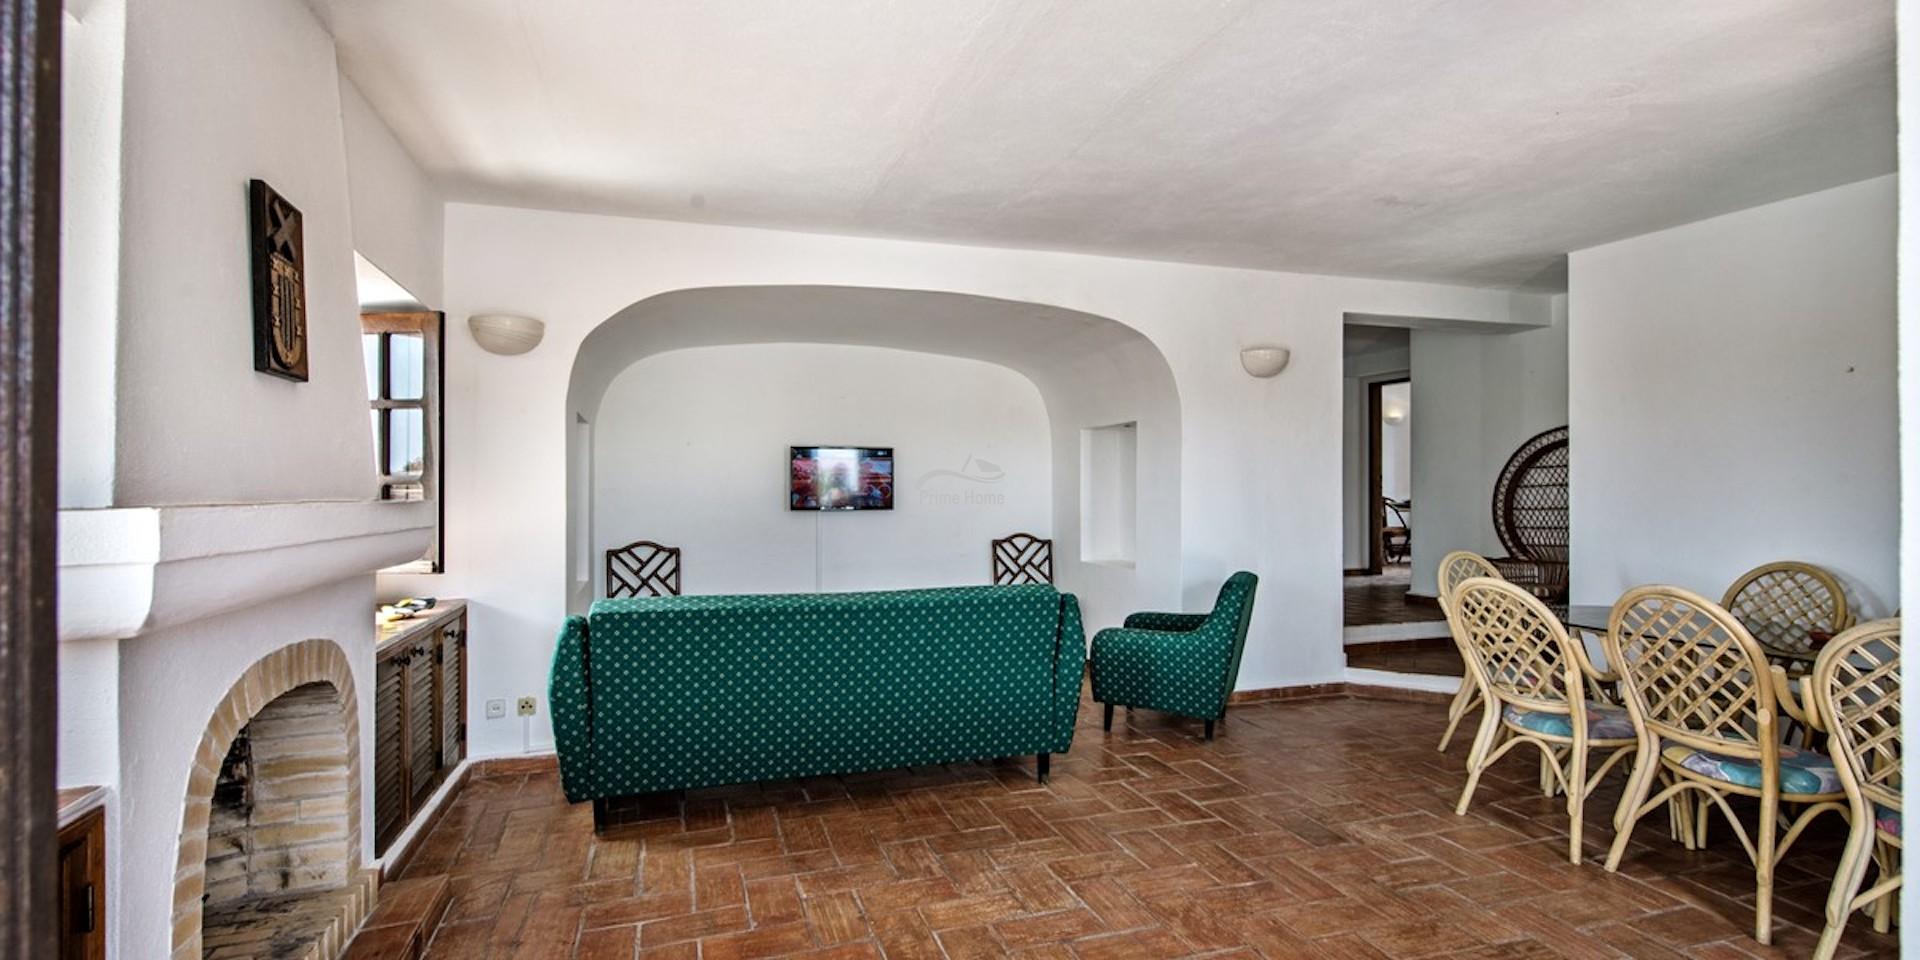 9 Bedroom Property For Sale In Fuzeta Algarve Portugal (30)